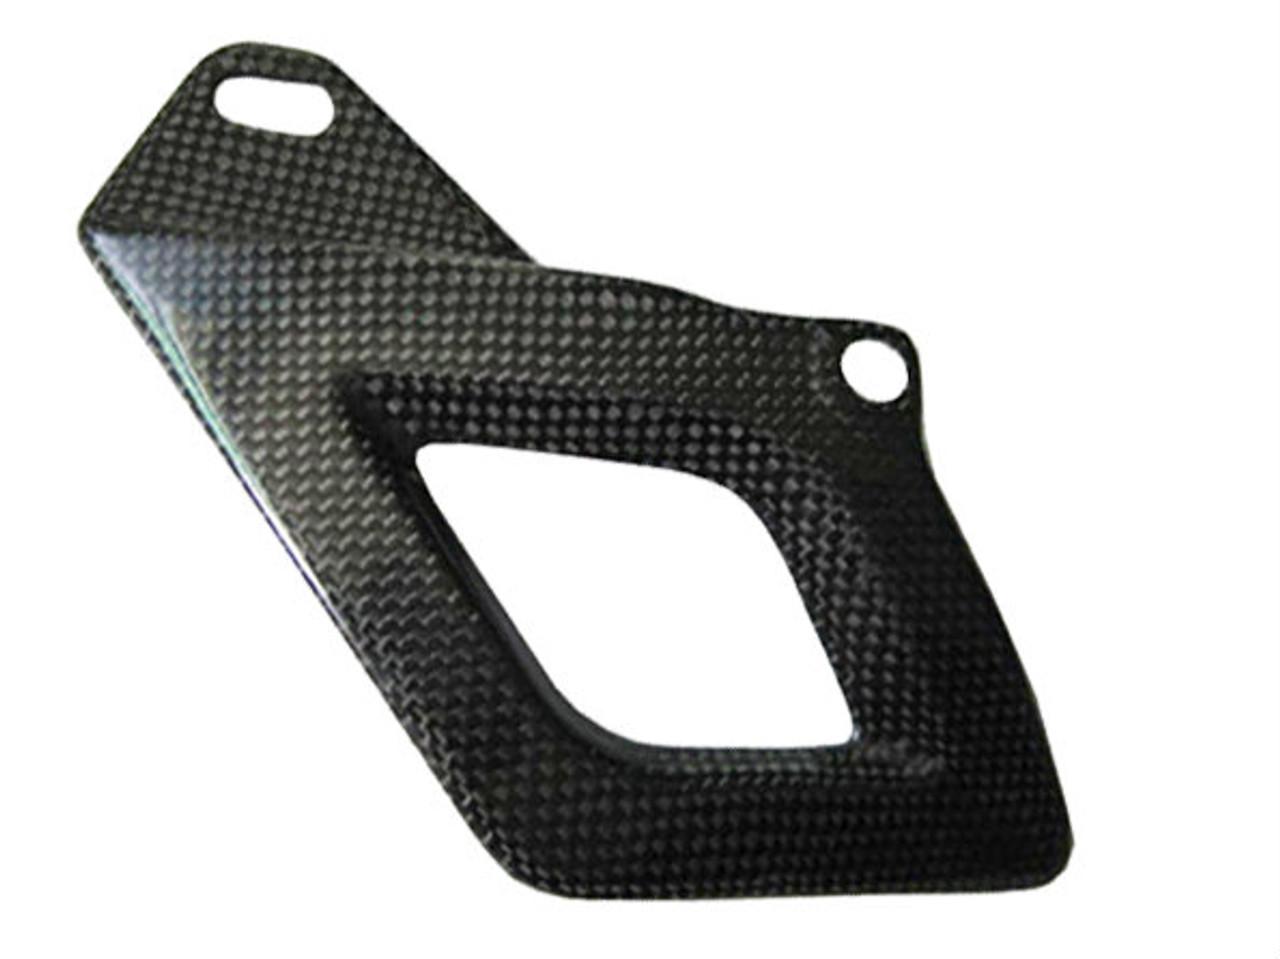 Glossy Plain Weave Carbon Fiber Lower Chain Guard for Aprilia RSV4 2009+ and Tuono V4 2011+